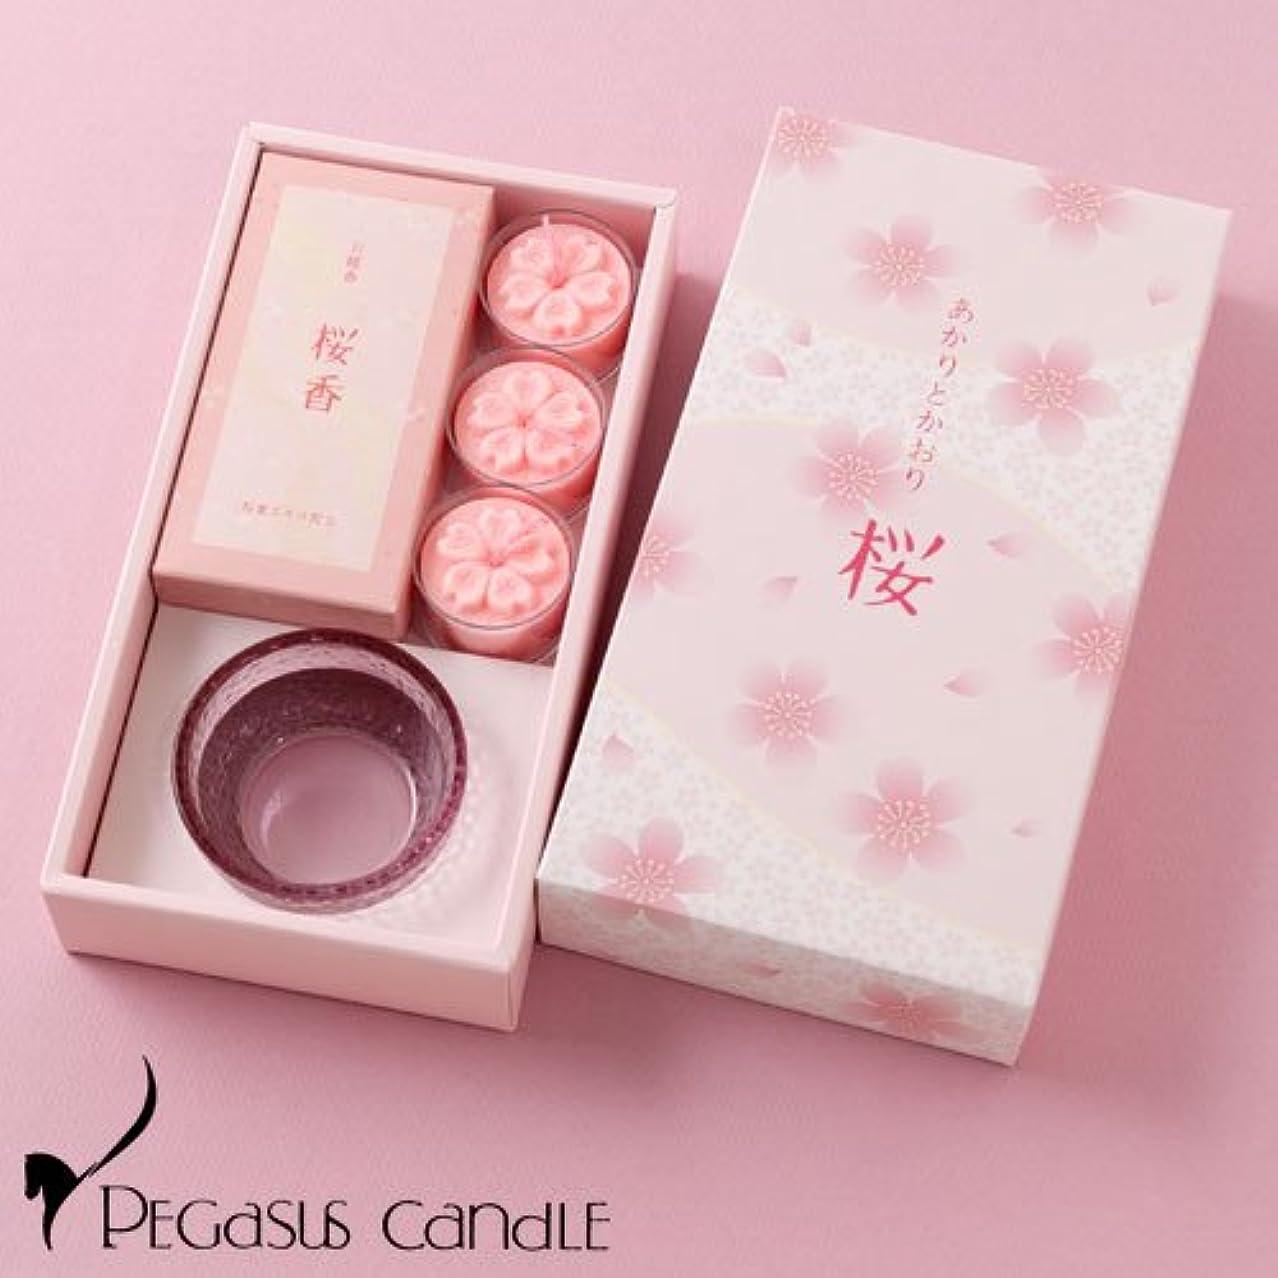 分離軌道どうしたのあかりとかおり桜キャンドルと線香のセットペガサスキャンドルCandle and incense set